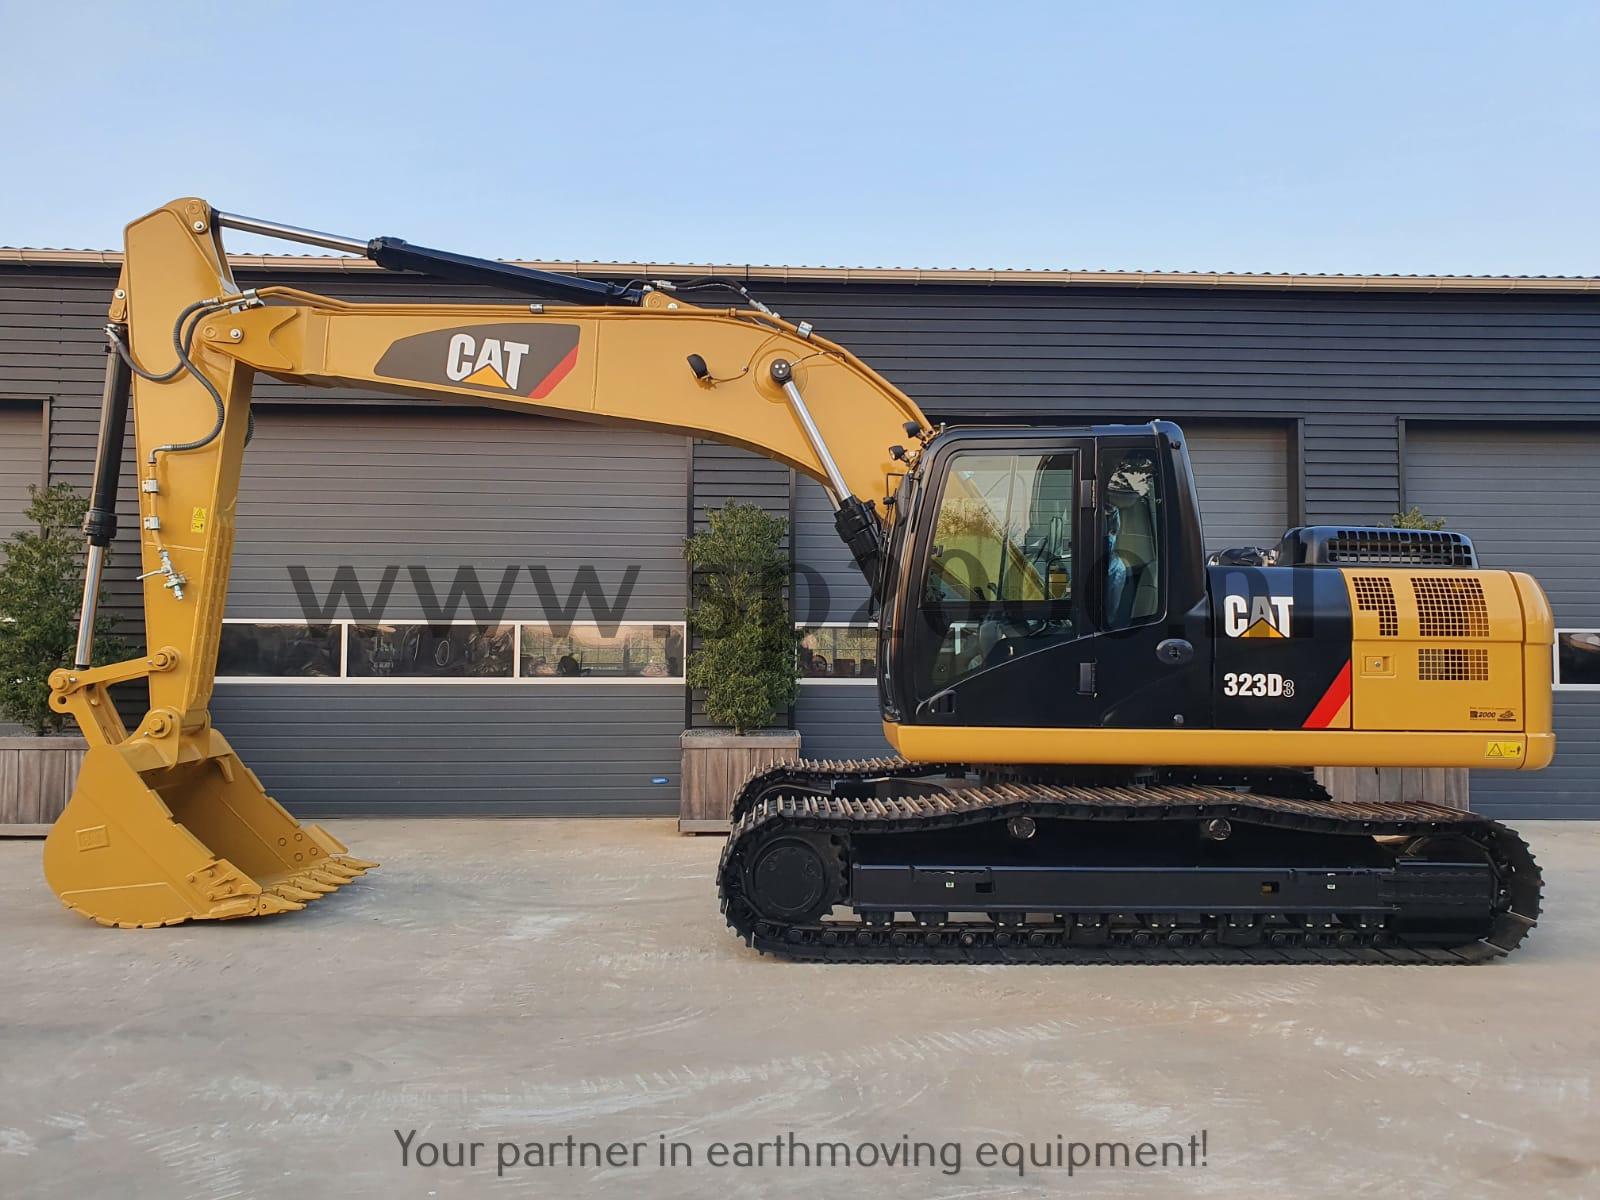 Caterpillar 323D3 Track excavator